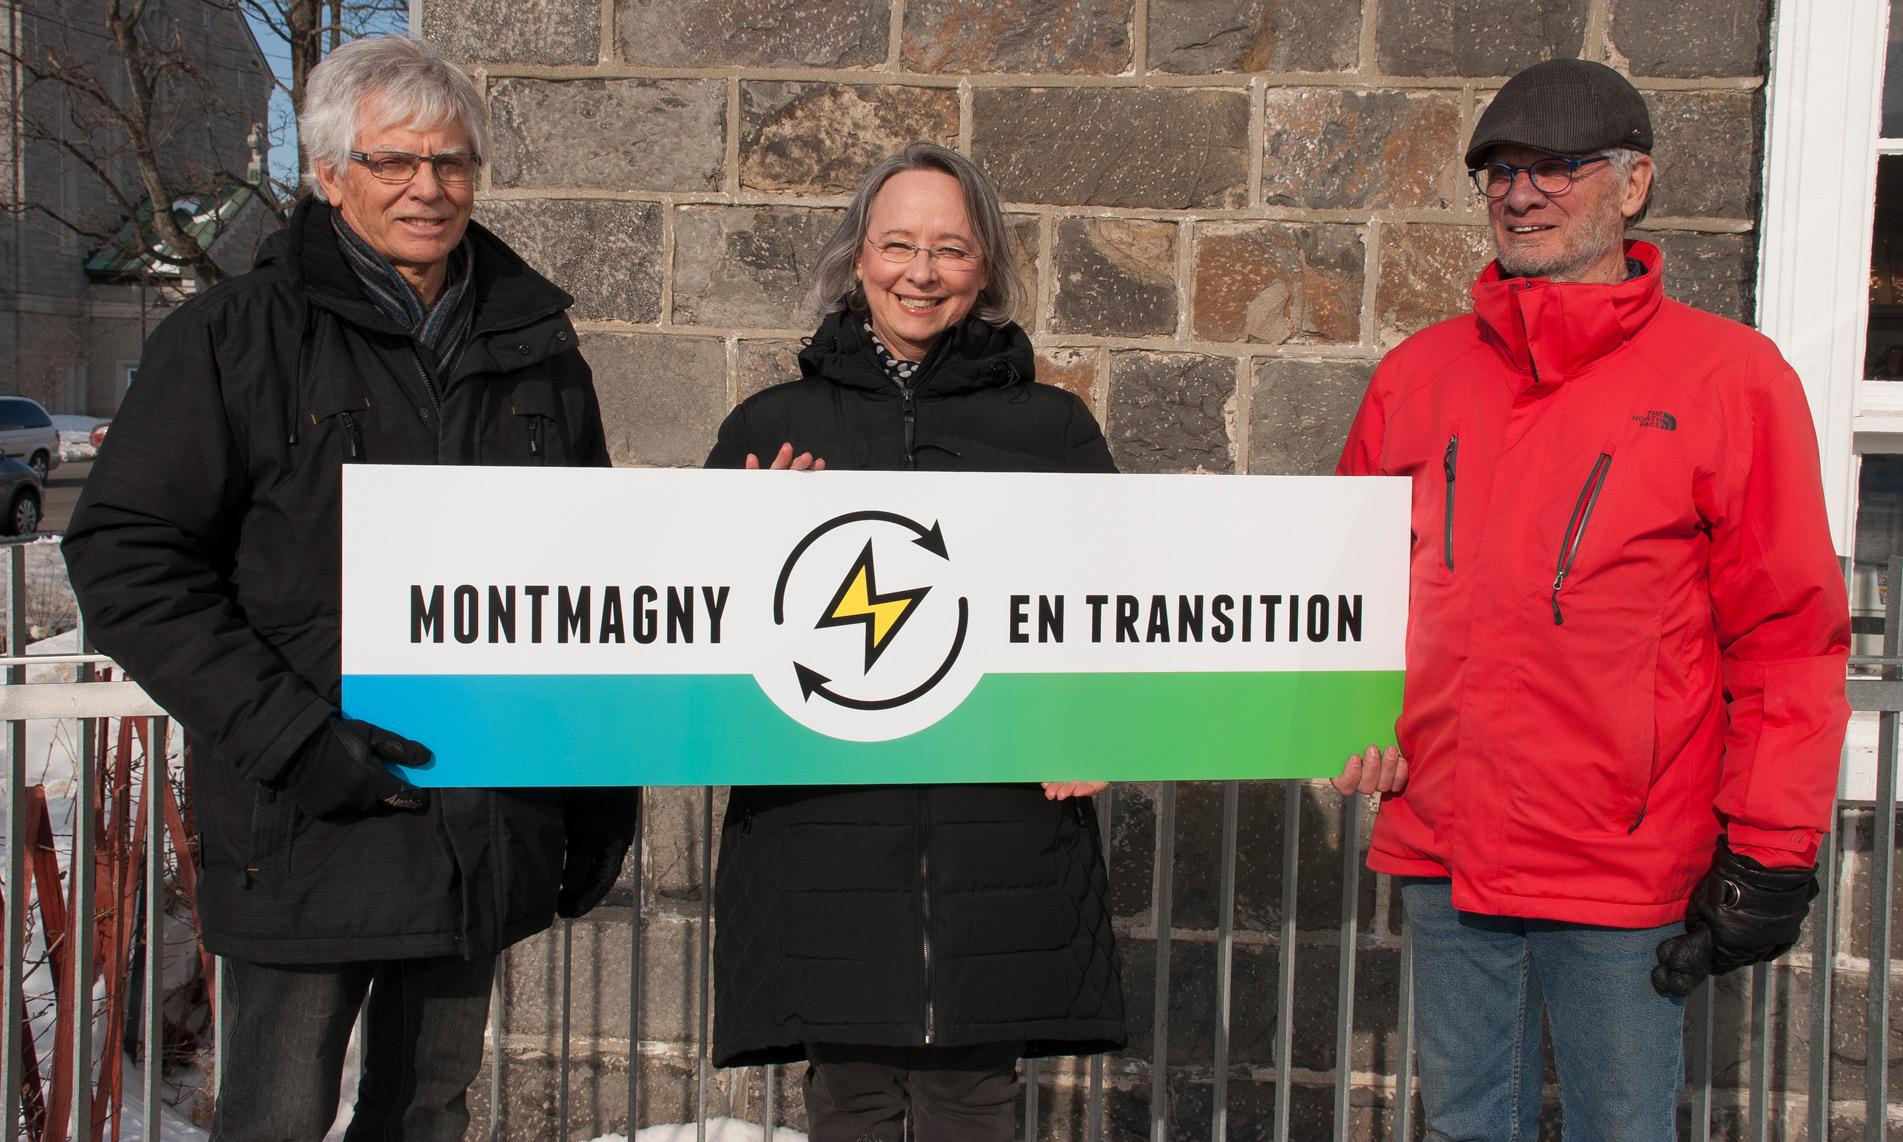 Des citoyens de Montmagny organiseront eux-mêmes une séance d'information publique sur le gaz naturel